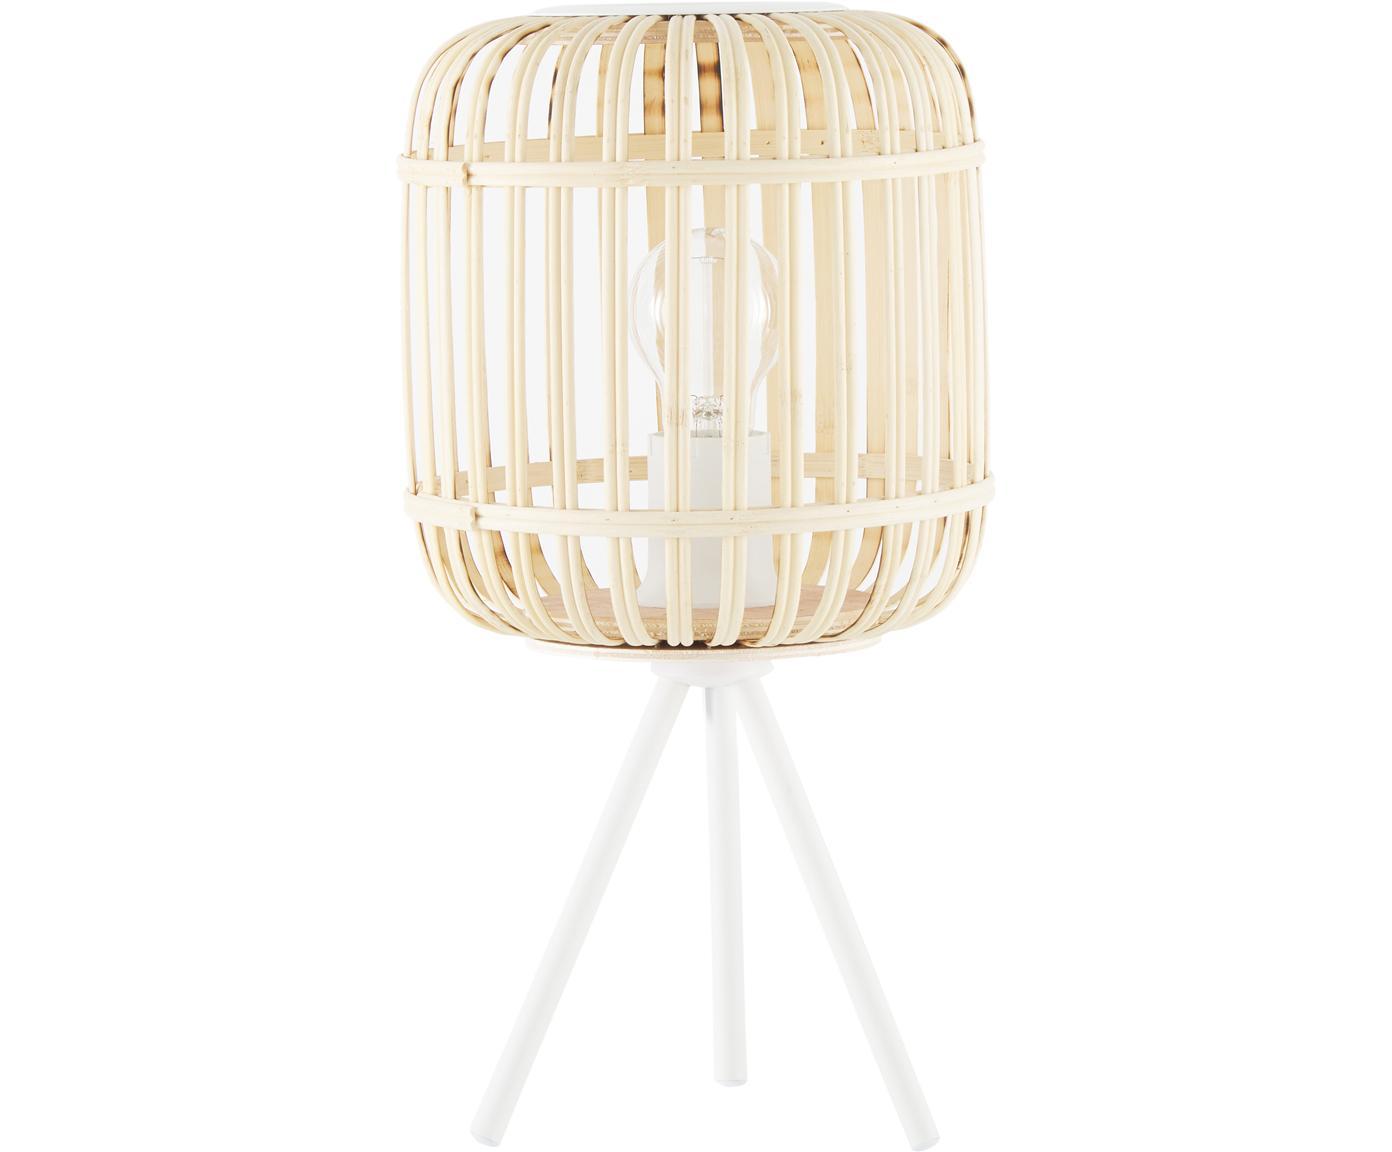 Lampada da tavolo Adam, Paralume: bambù, Base della lampada: metallo verniciato a polv, Bianco, beige, Ø 21 x Alt. 42 cm